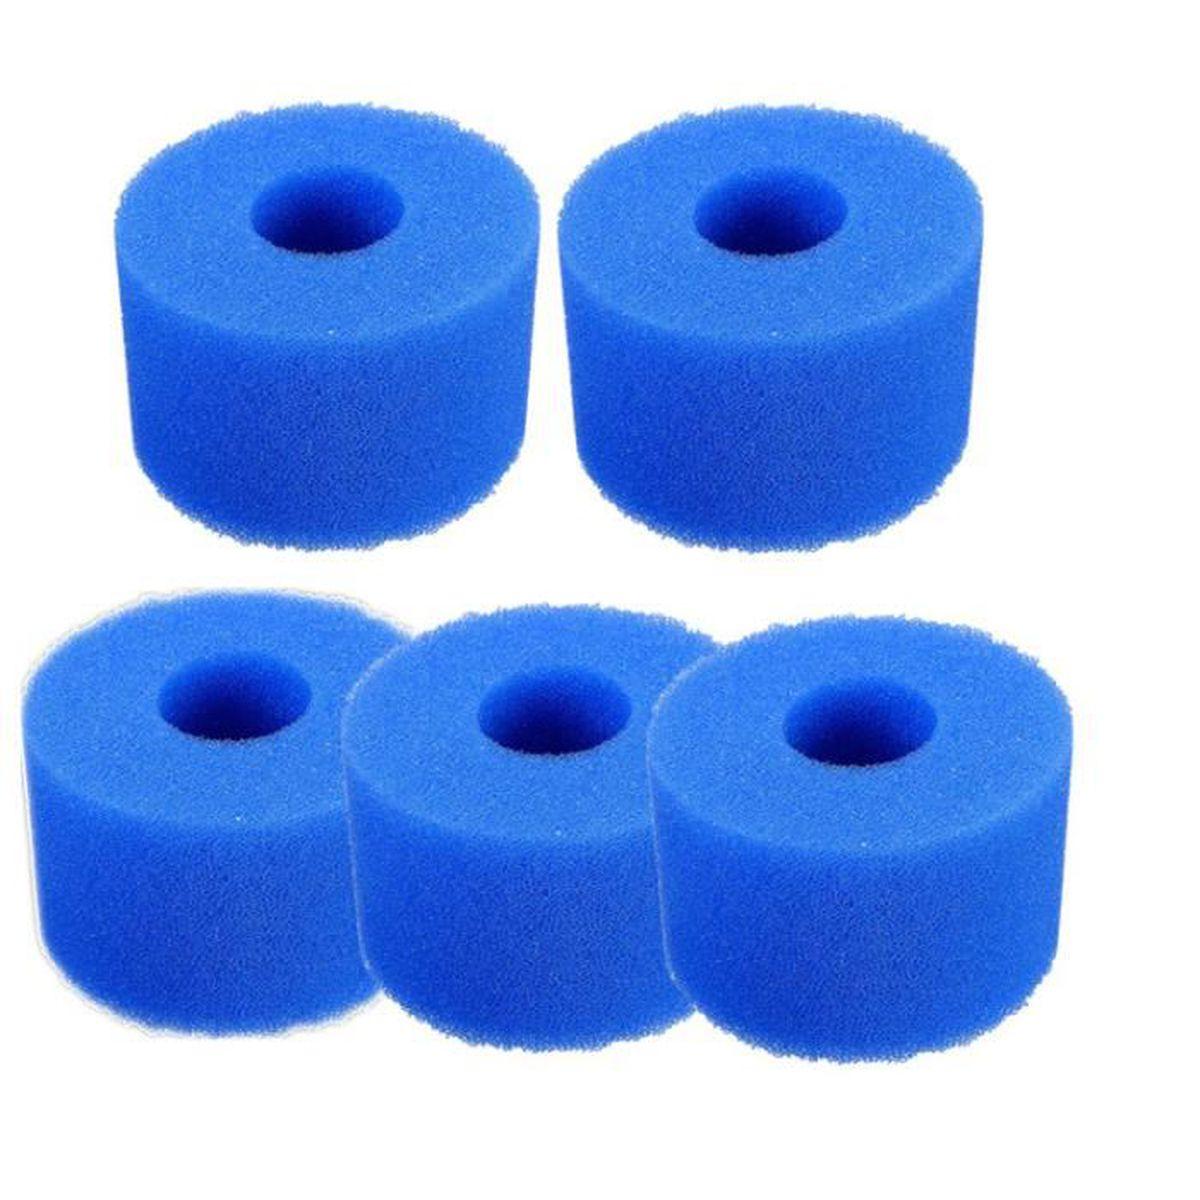 Filtre Piscine Lave Vaisselle 5pcs filtre de piscine pour piscine, pour jacuzzi piscine et